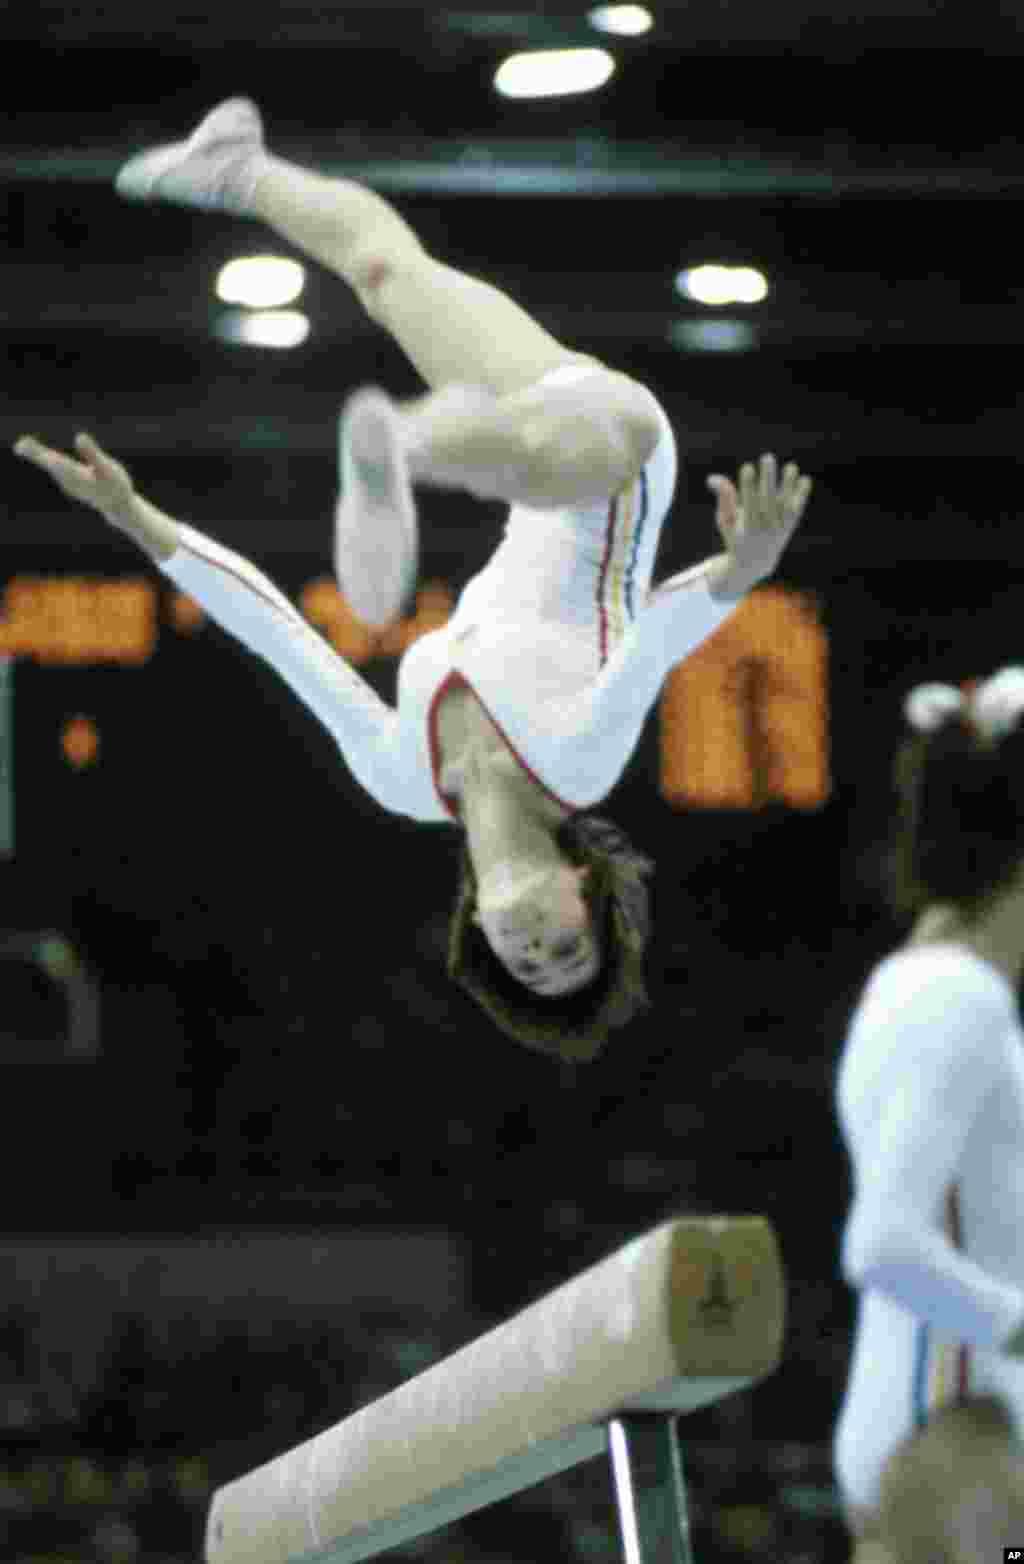 Румынская гимнастка Надя Команечи исполняет кувырок во время выступления, за которое она получит очередную идеальную десятку, на этот раз на балансире. Ее первые круглые 10 баллов были присуждены на Олимпиаде в Монреале в 1976 году. Она стала первой гимнасткой в истории, добившейся такого результата.